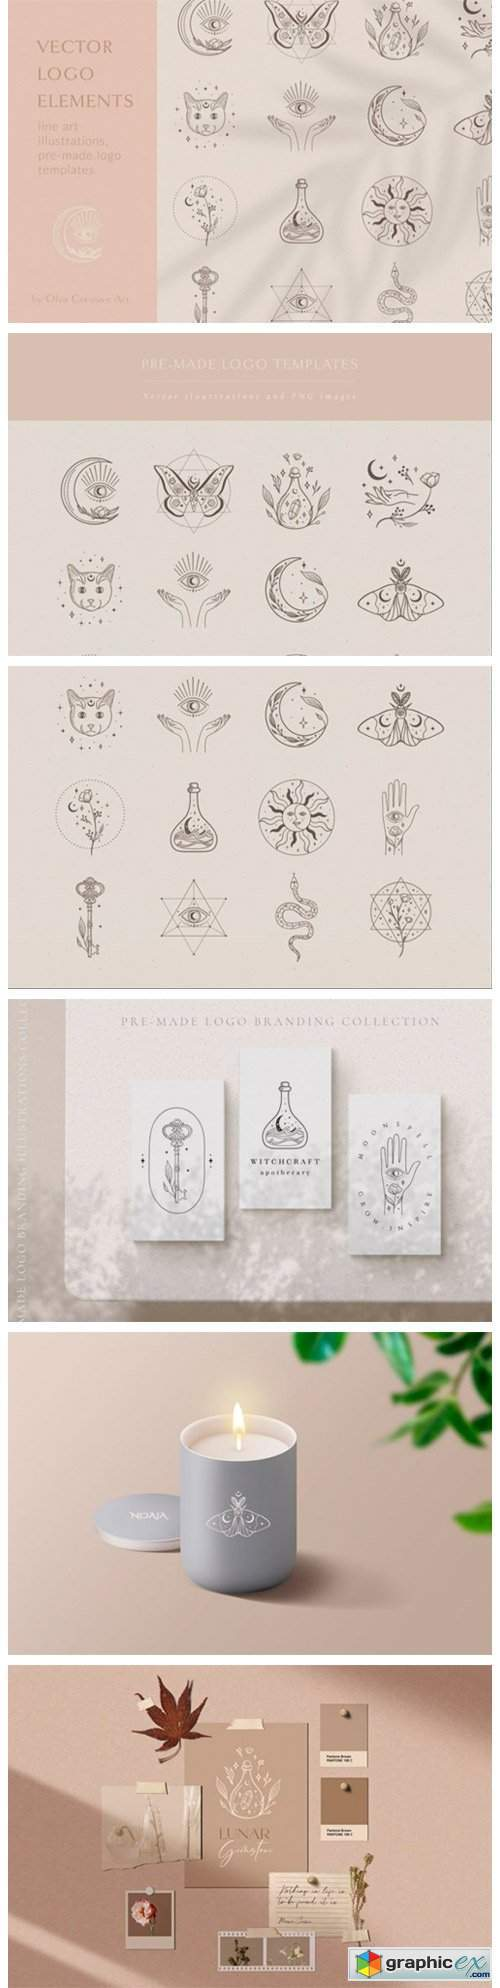 Logo Elements Vector Illustrations. Eyes